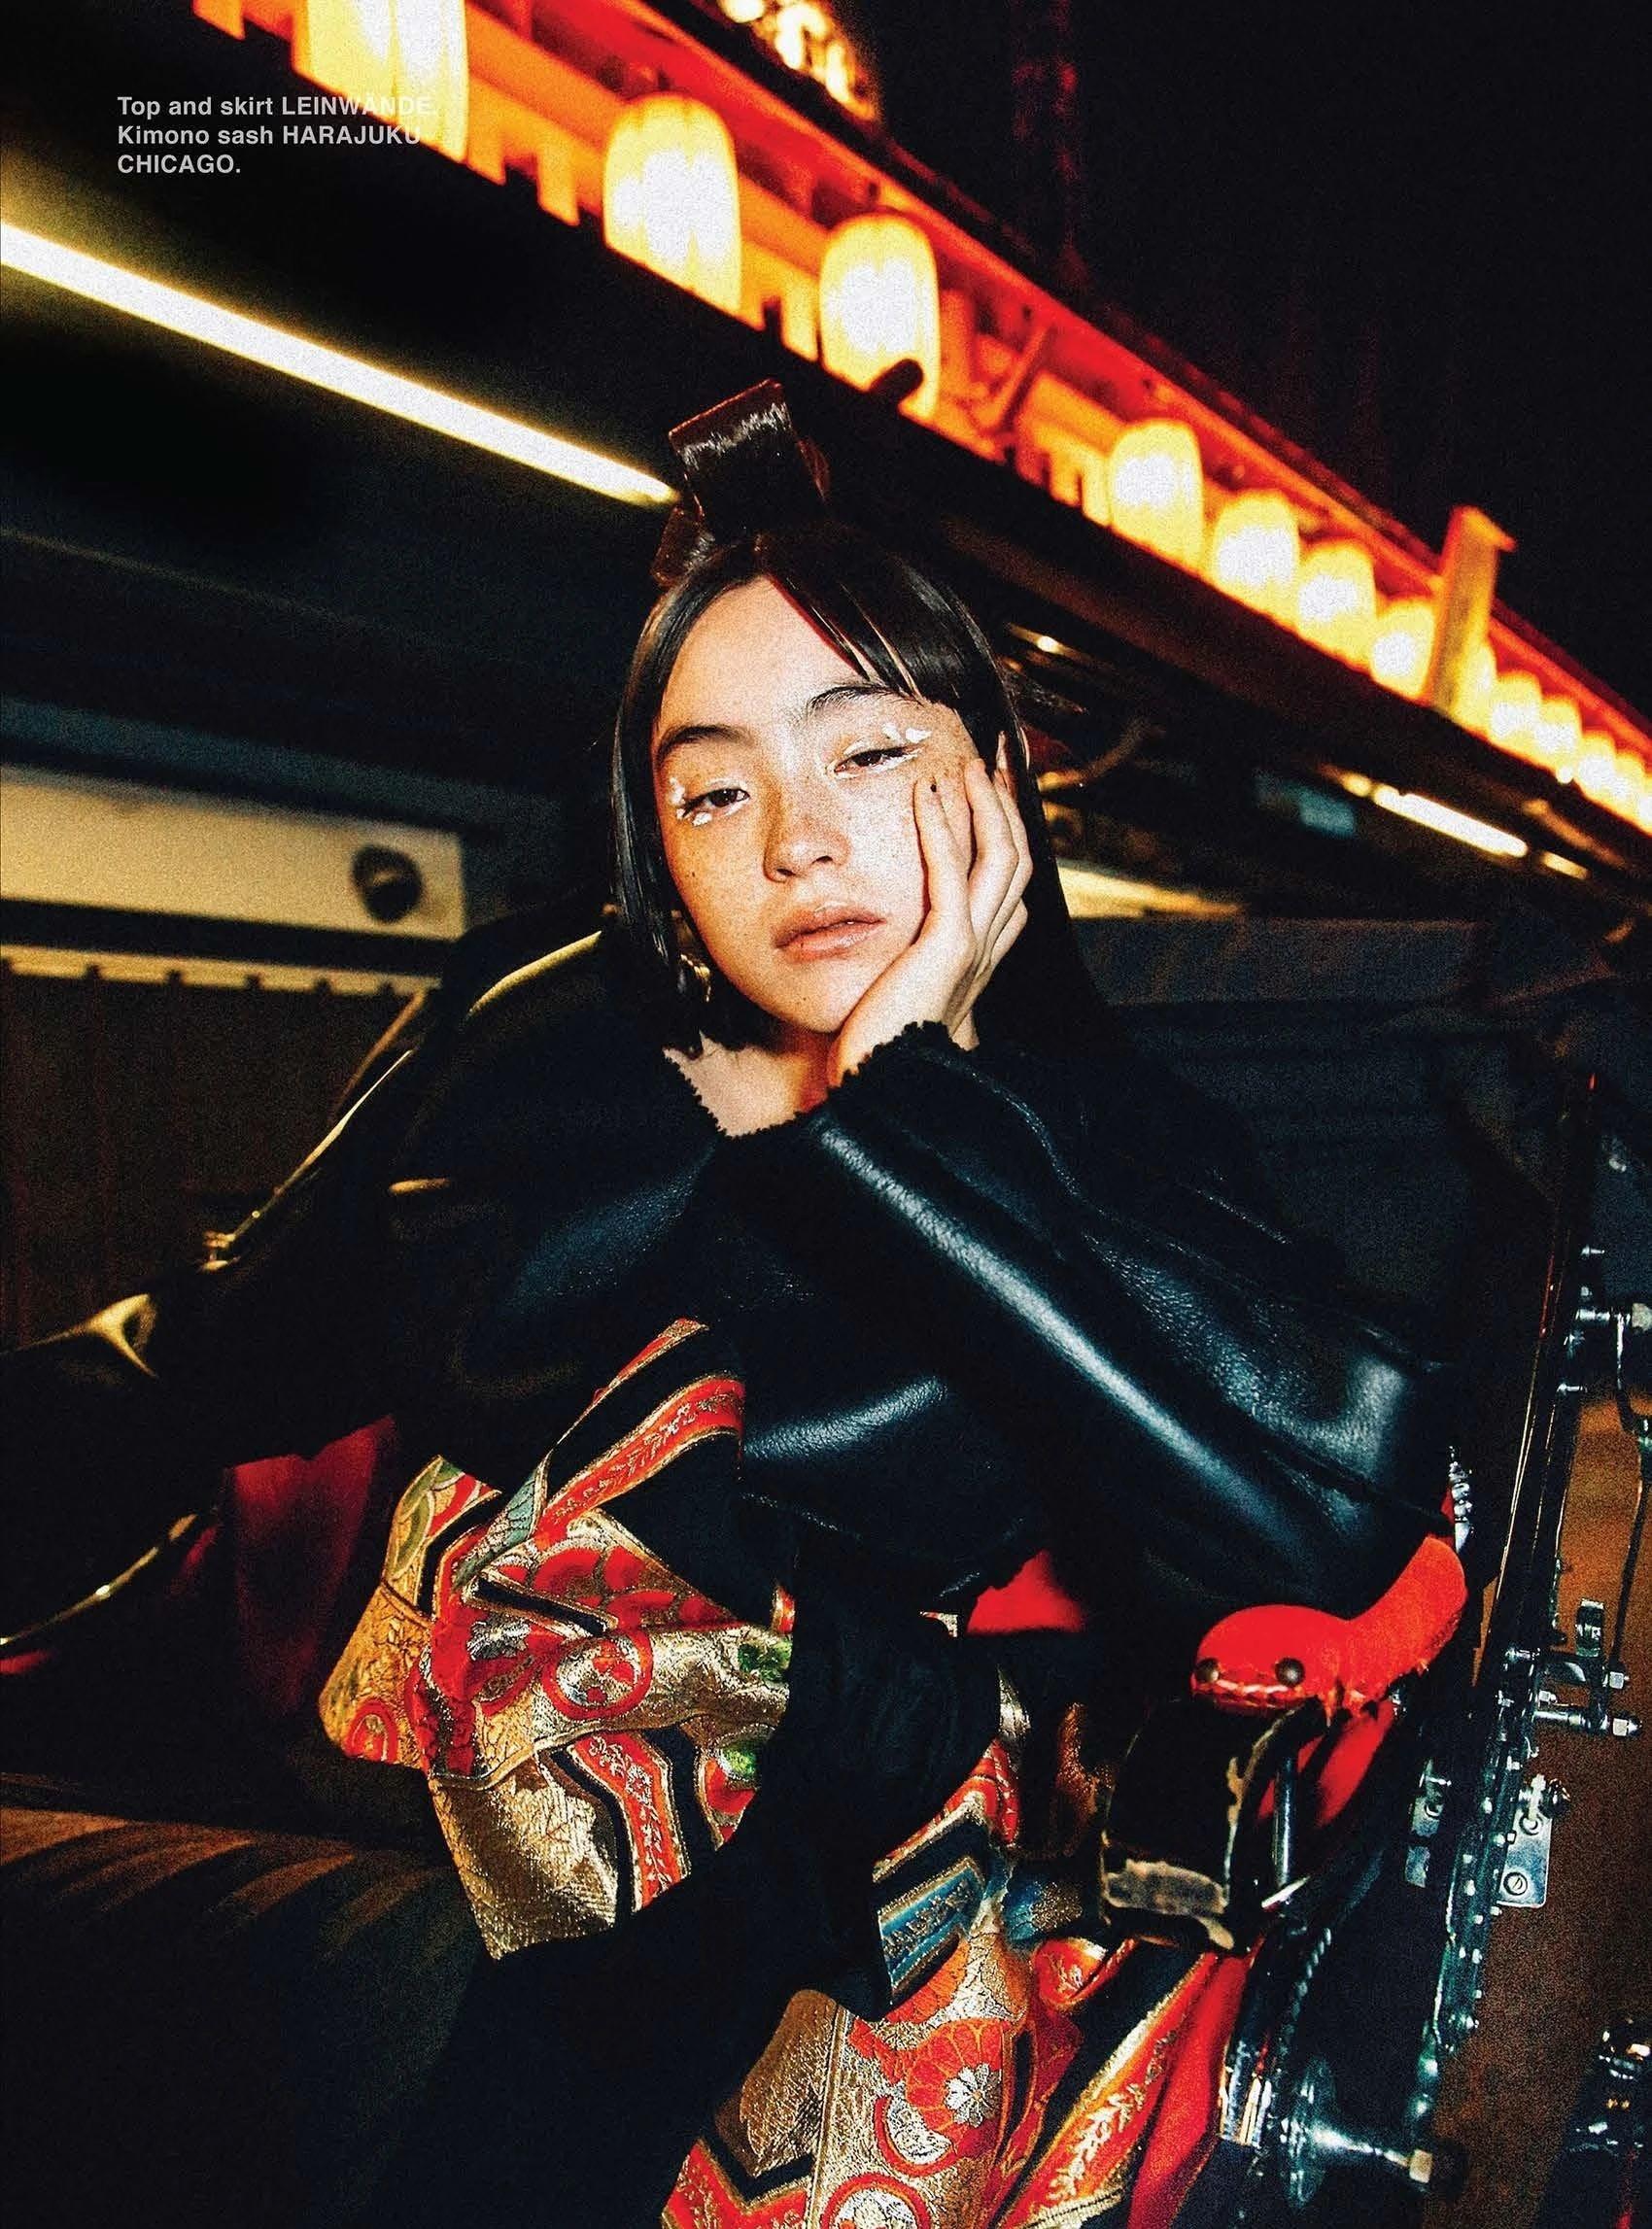 满脸雀斑却依旧很美的混血模特世理奈写真作品 (9)